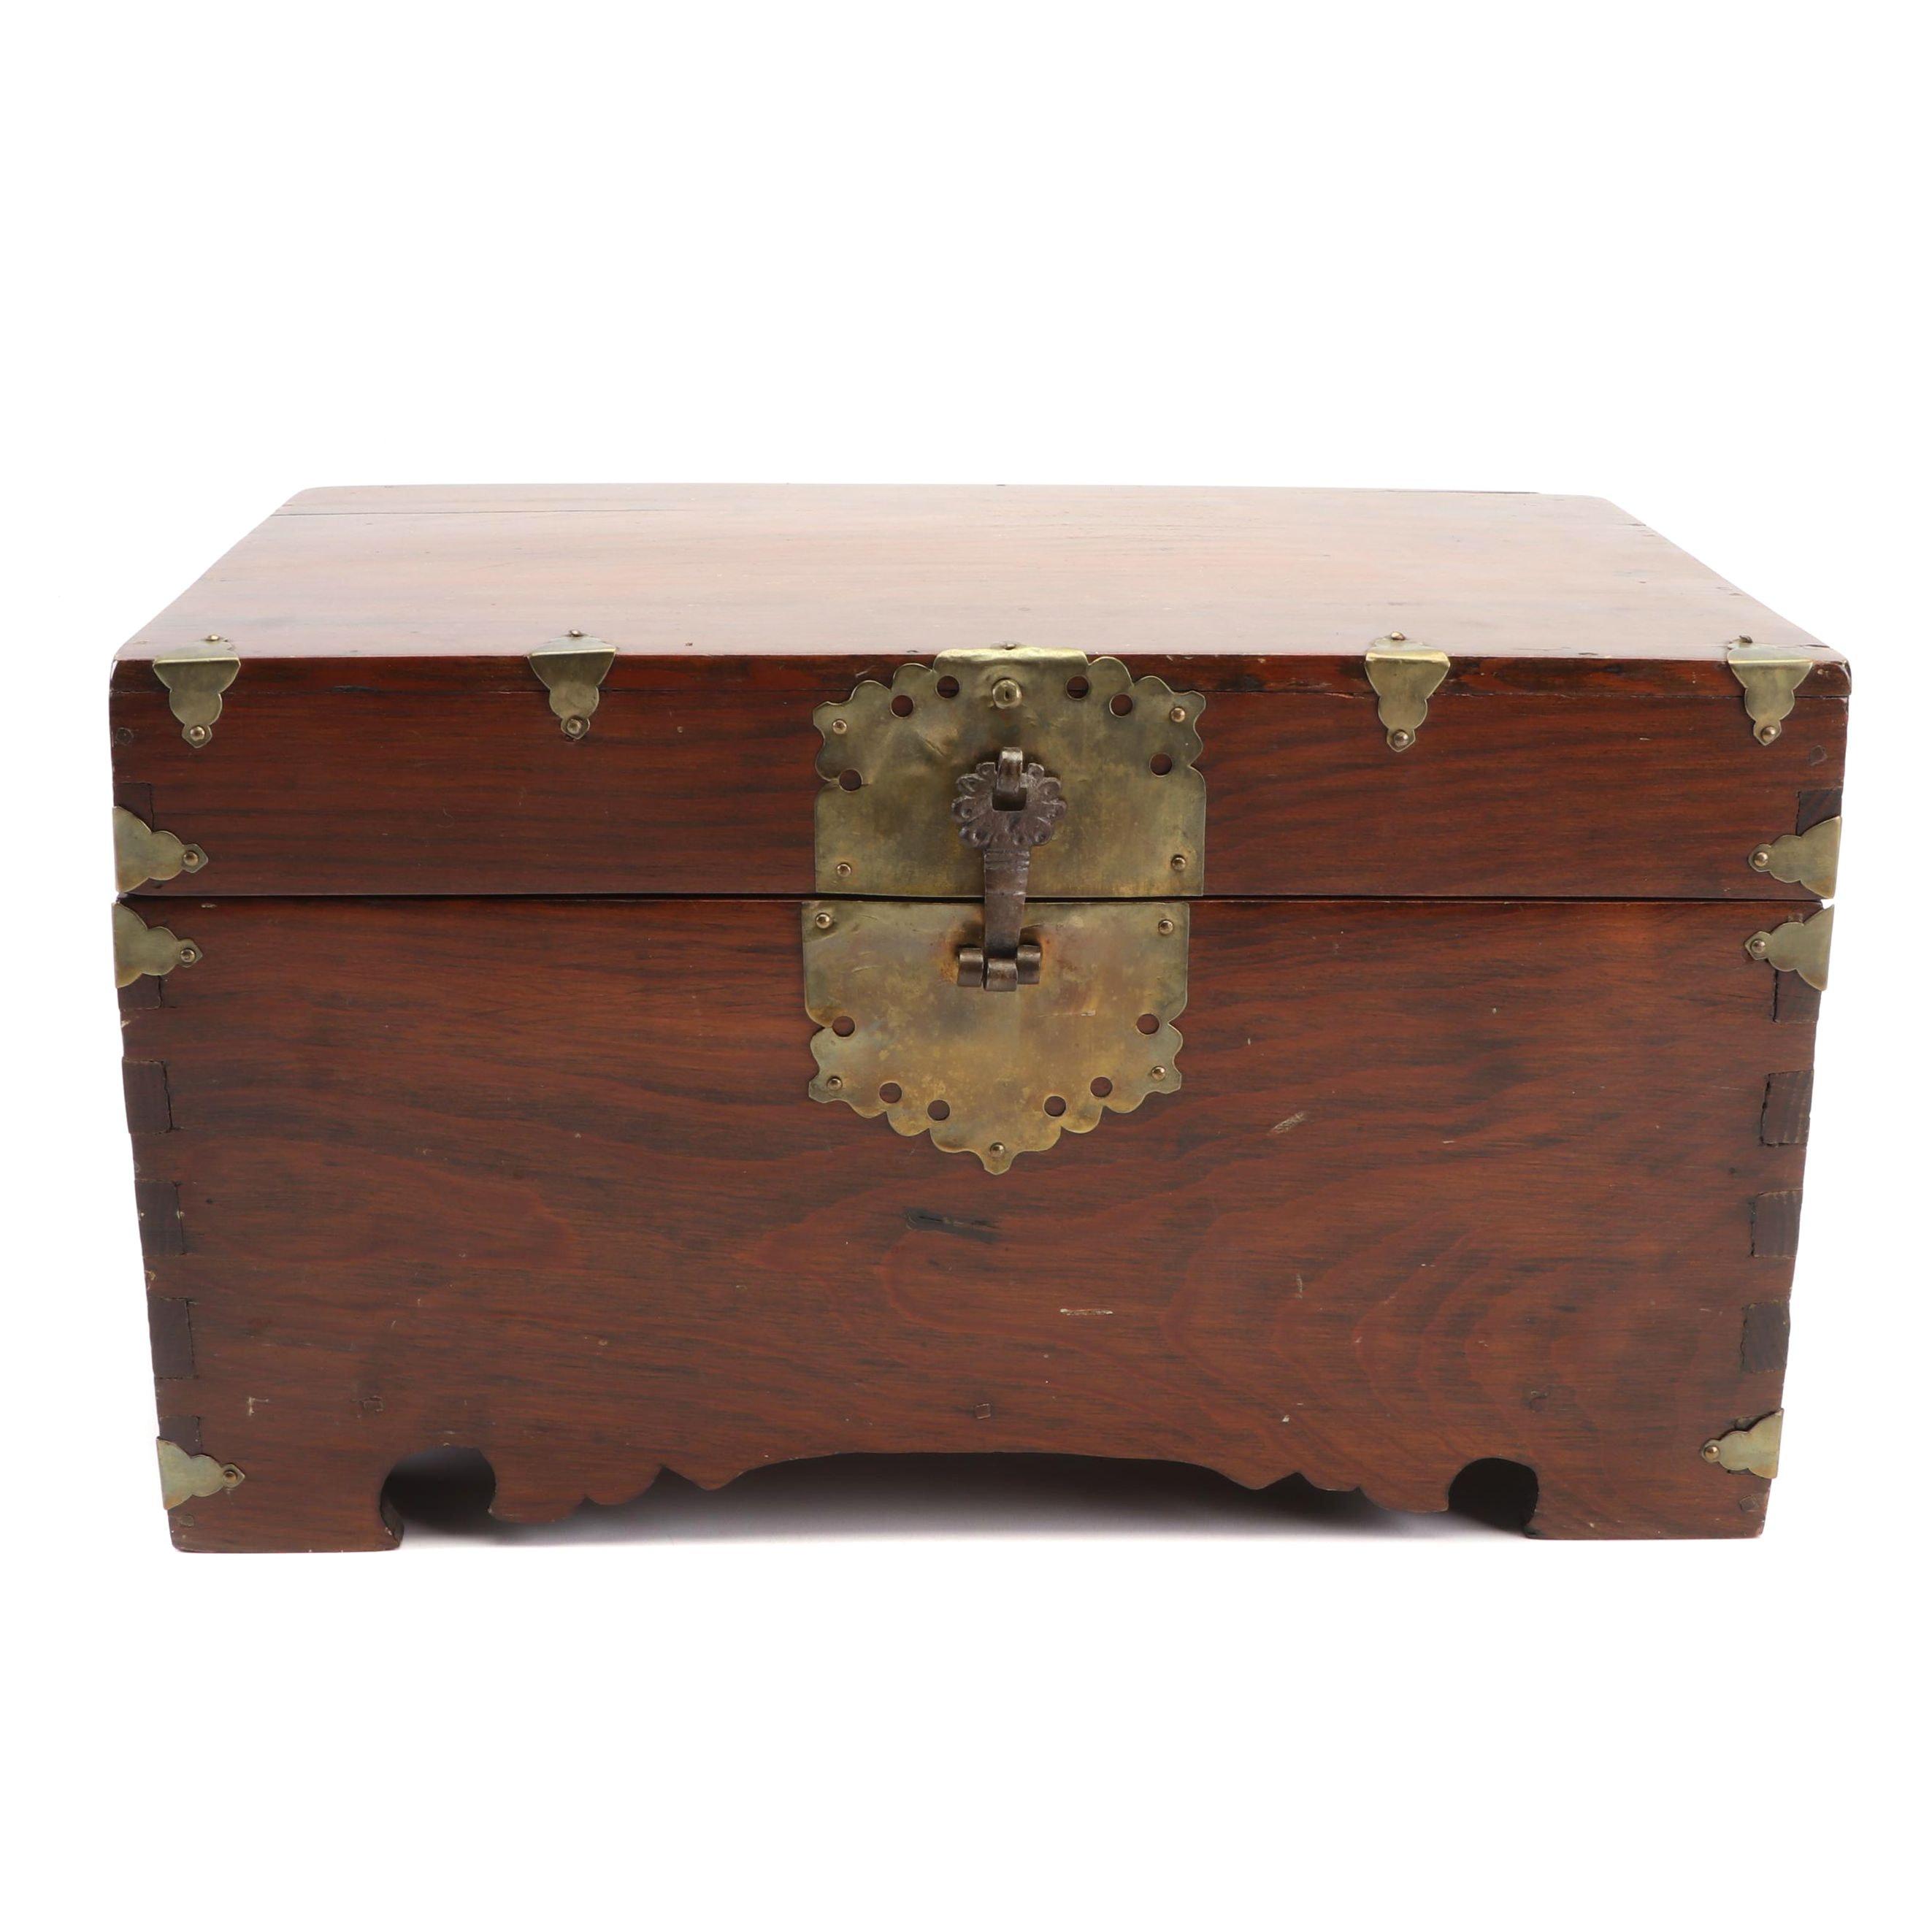 Korean Yi Dynasty Brass Mounted Mahogany Treasure Box, 19th Century